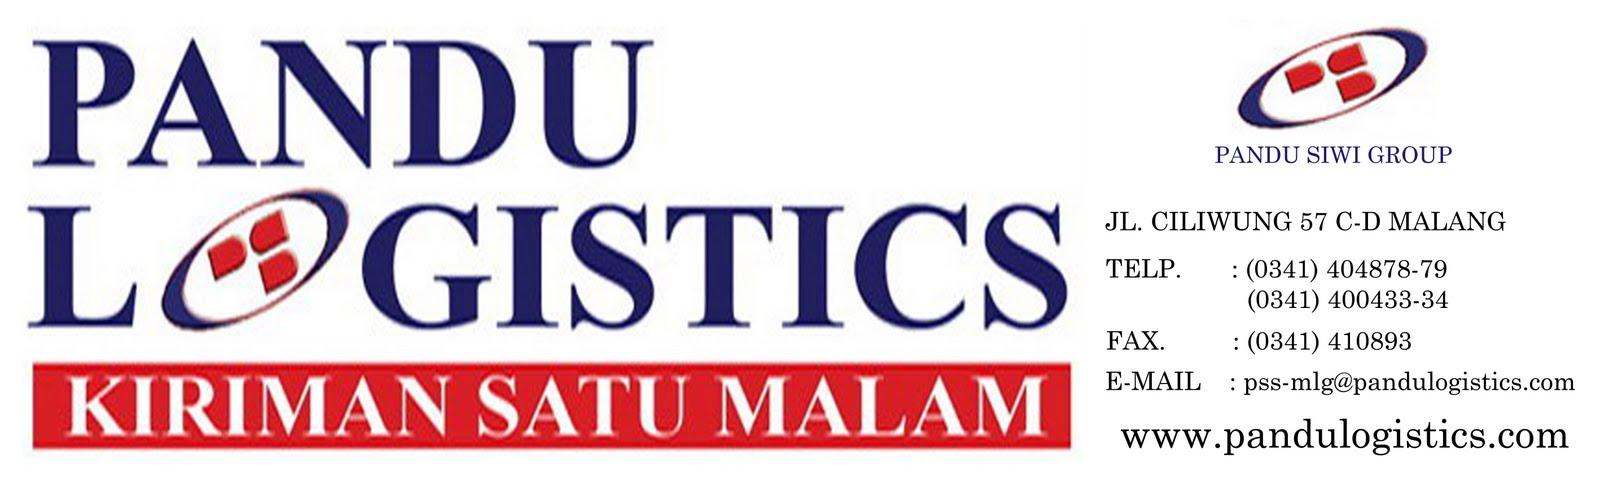 .: PT. PANDU SIWI SENTOSA MALANG :.